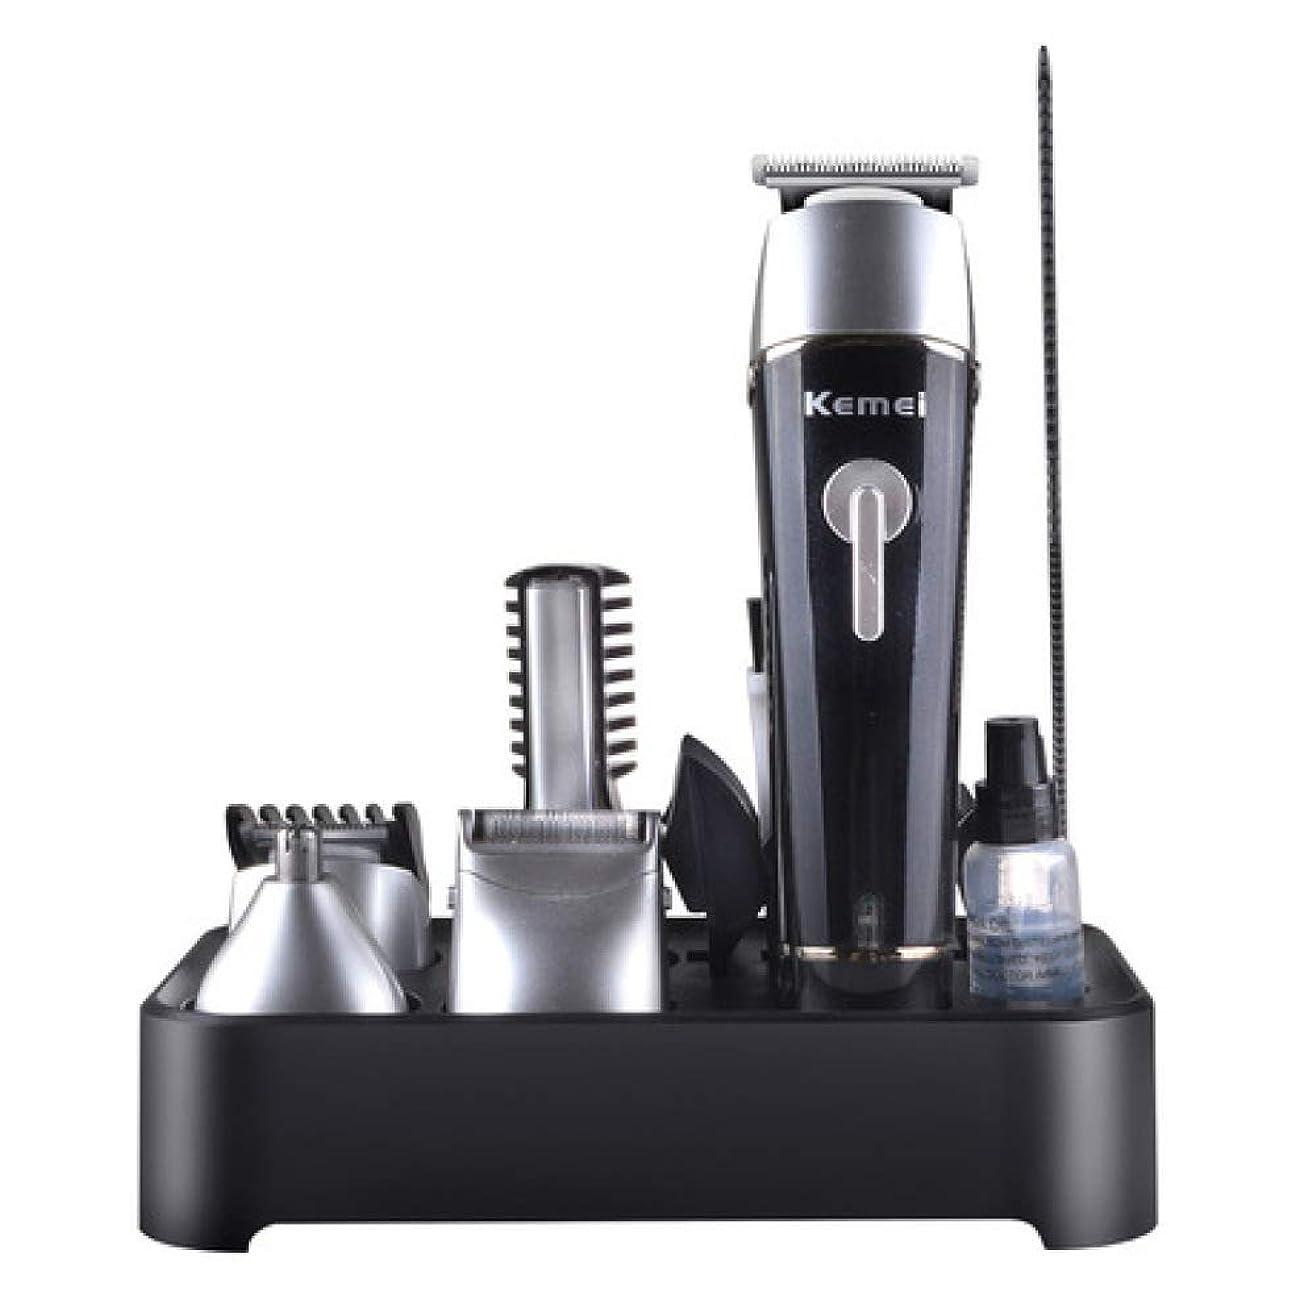 検索エンジン最適化バス爆弾QINJLI 電気髪クリッパー鼻ナイフ剃刀シェーバー多 function スーツ体を洗う基本 16 * 3.5 cm を充電